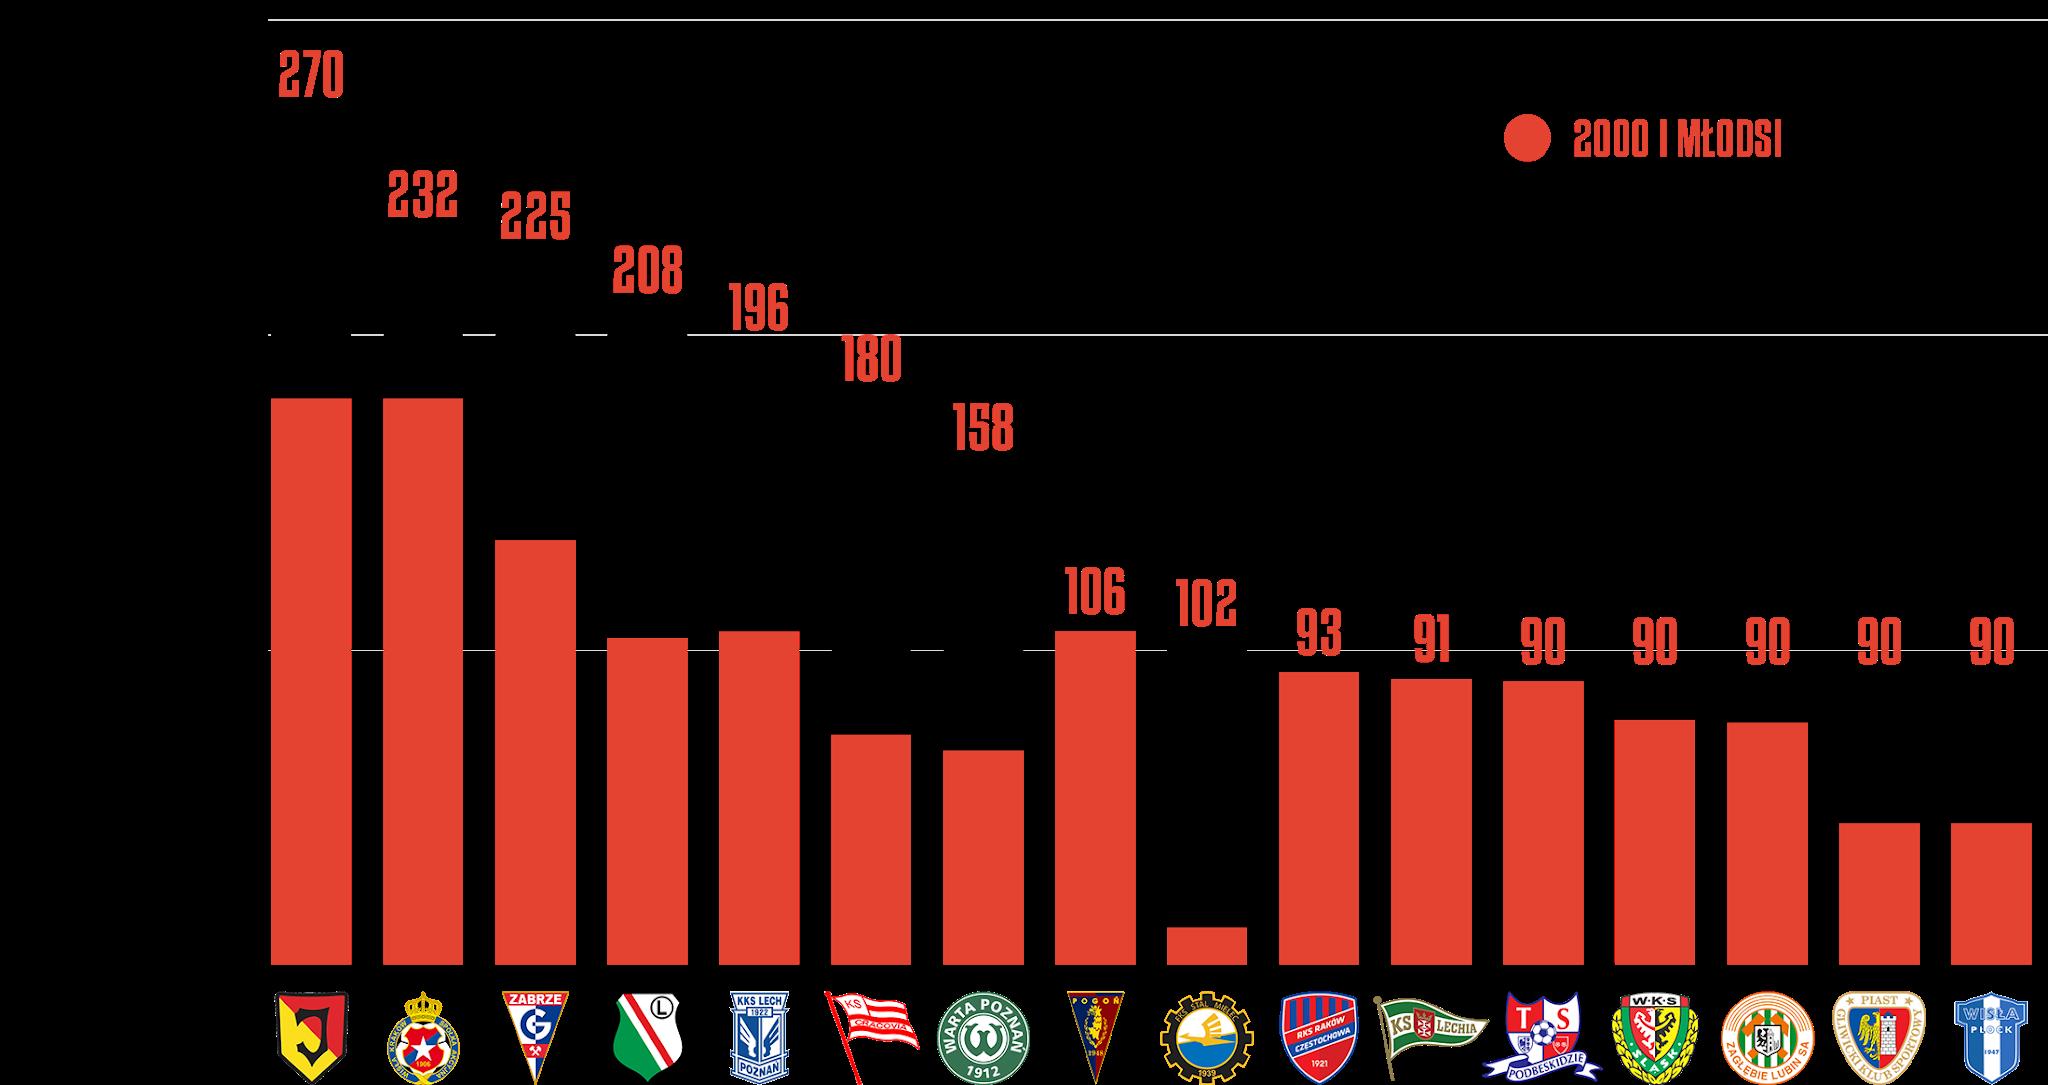 Klasyfikacja klubów pod względem rozegranego czasu przez młodzieżowców w18.kolejce PKO Ekstraklasy<br><br>Źródło: Opracowanie własne na podstawie ekstrastats.pl<br><br>graf. Bartosz Urban